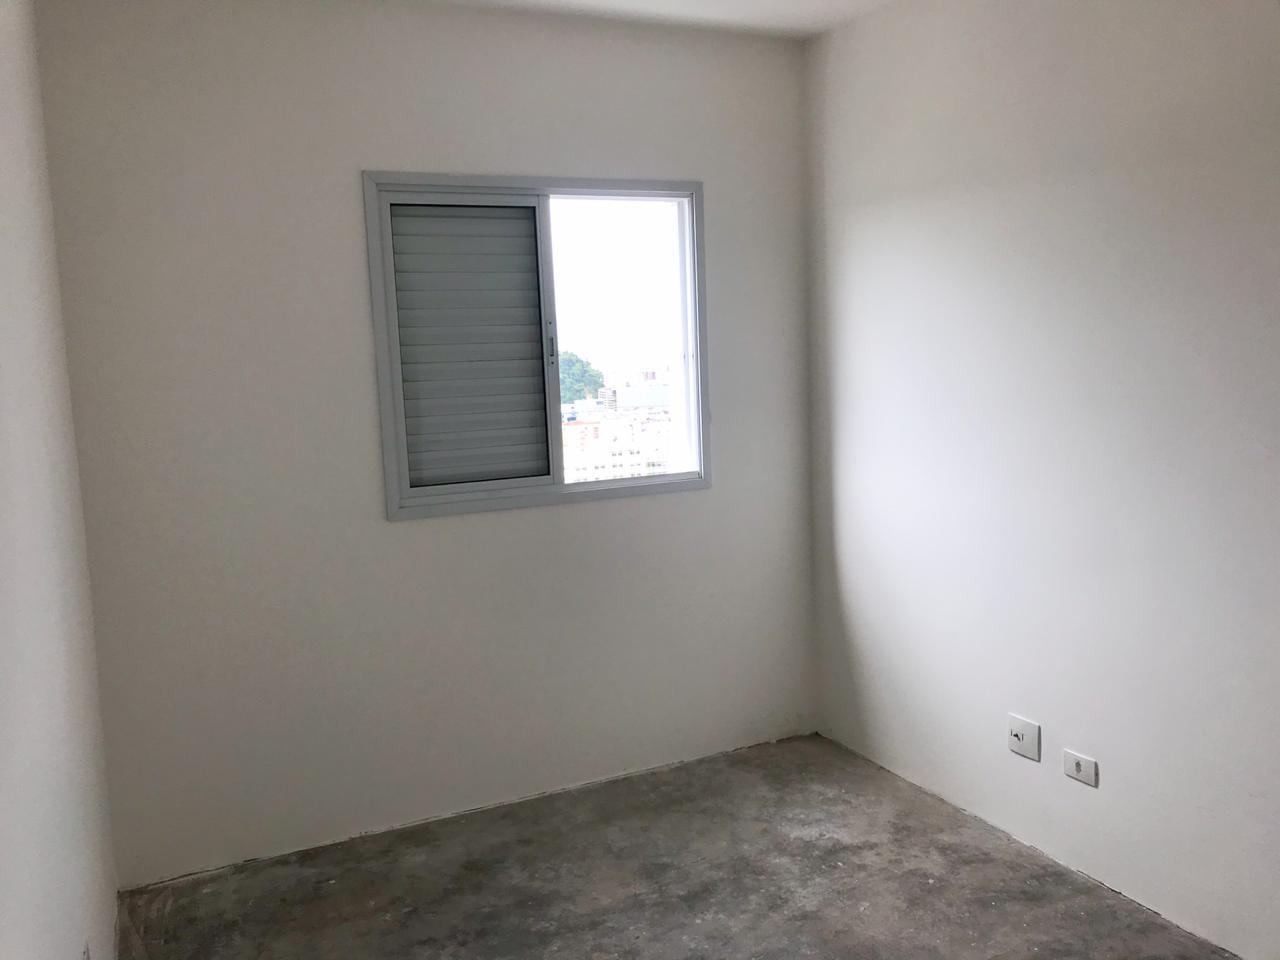 apartamento novo 2 dormitórios com 1 suite e uma varanda gourmet. - foto 13